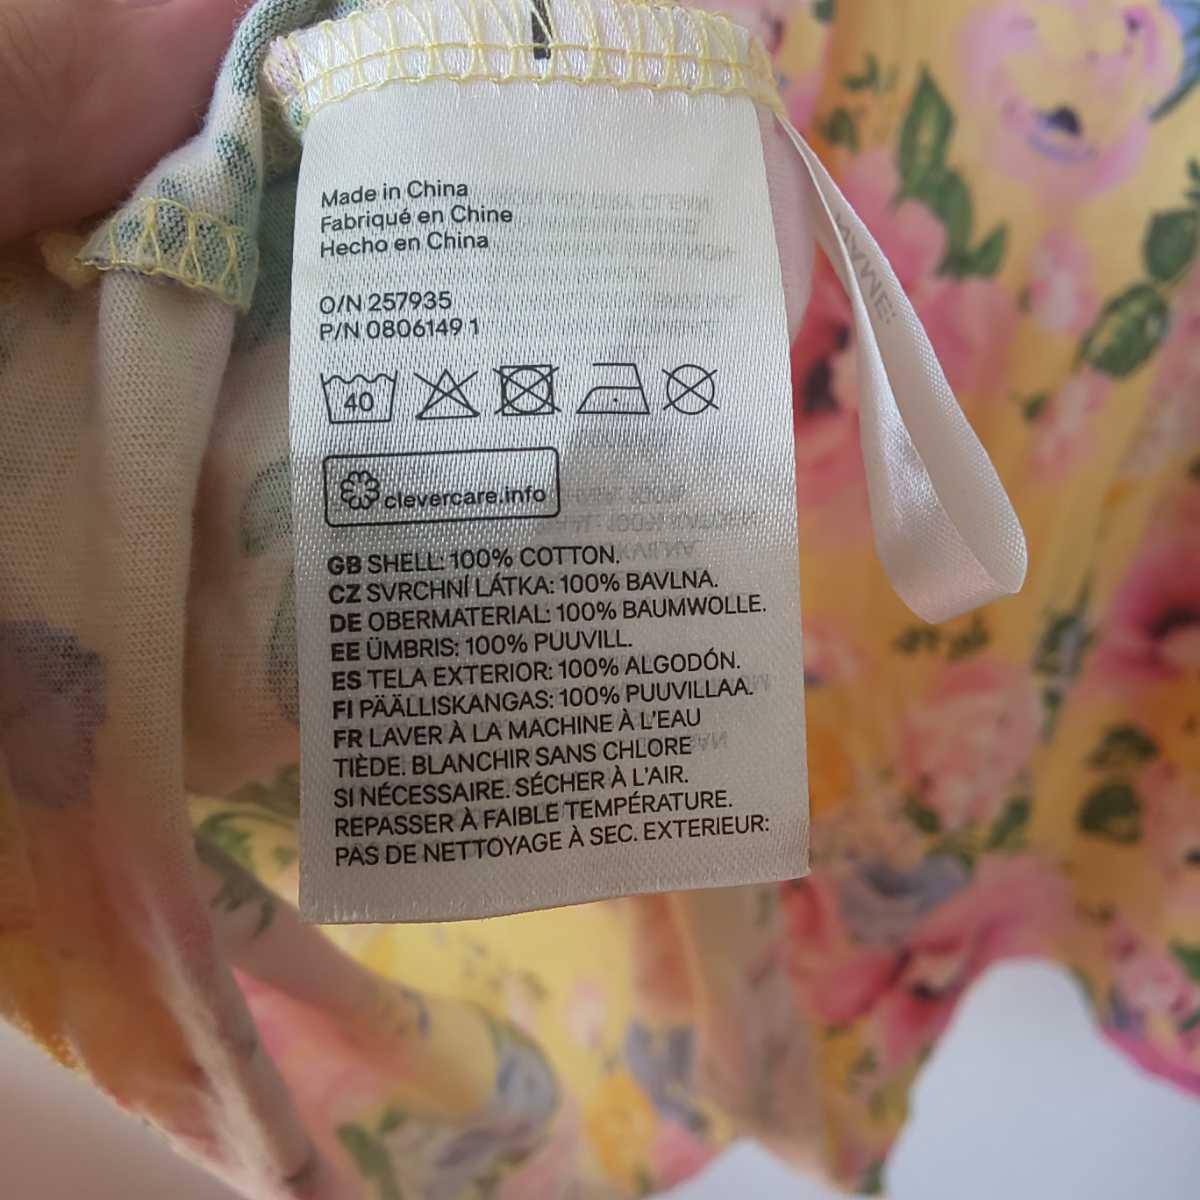 1円スタート! 140cm H&M ワンピース 黄色 花柄 キッズ 女の子コーデ 後ろ側破れあり リメイク 素材 生地 夏物 akichan7777jp_画像5